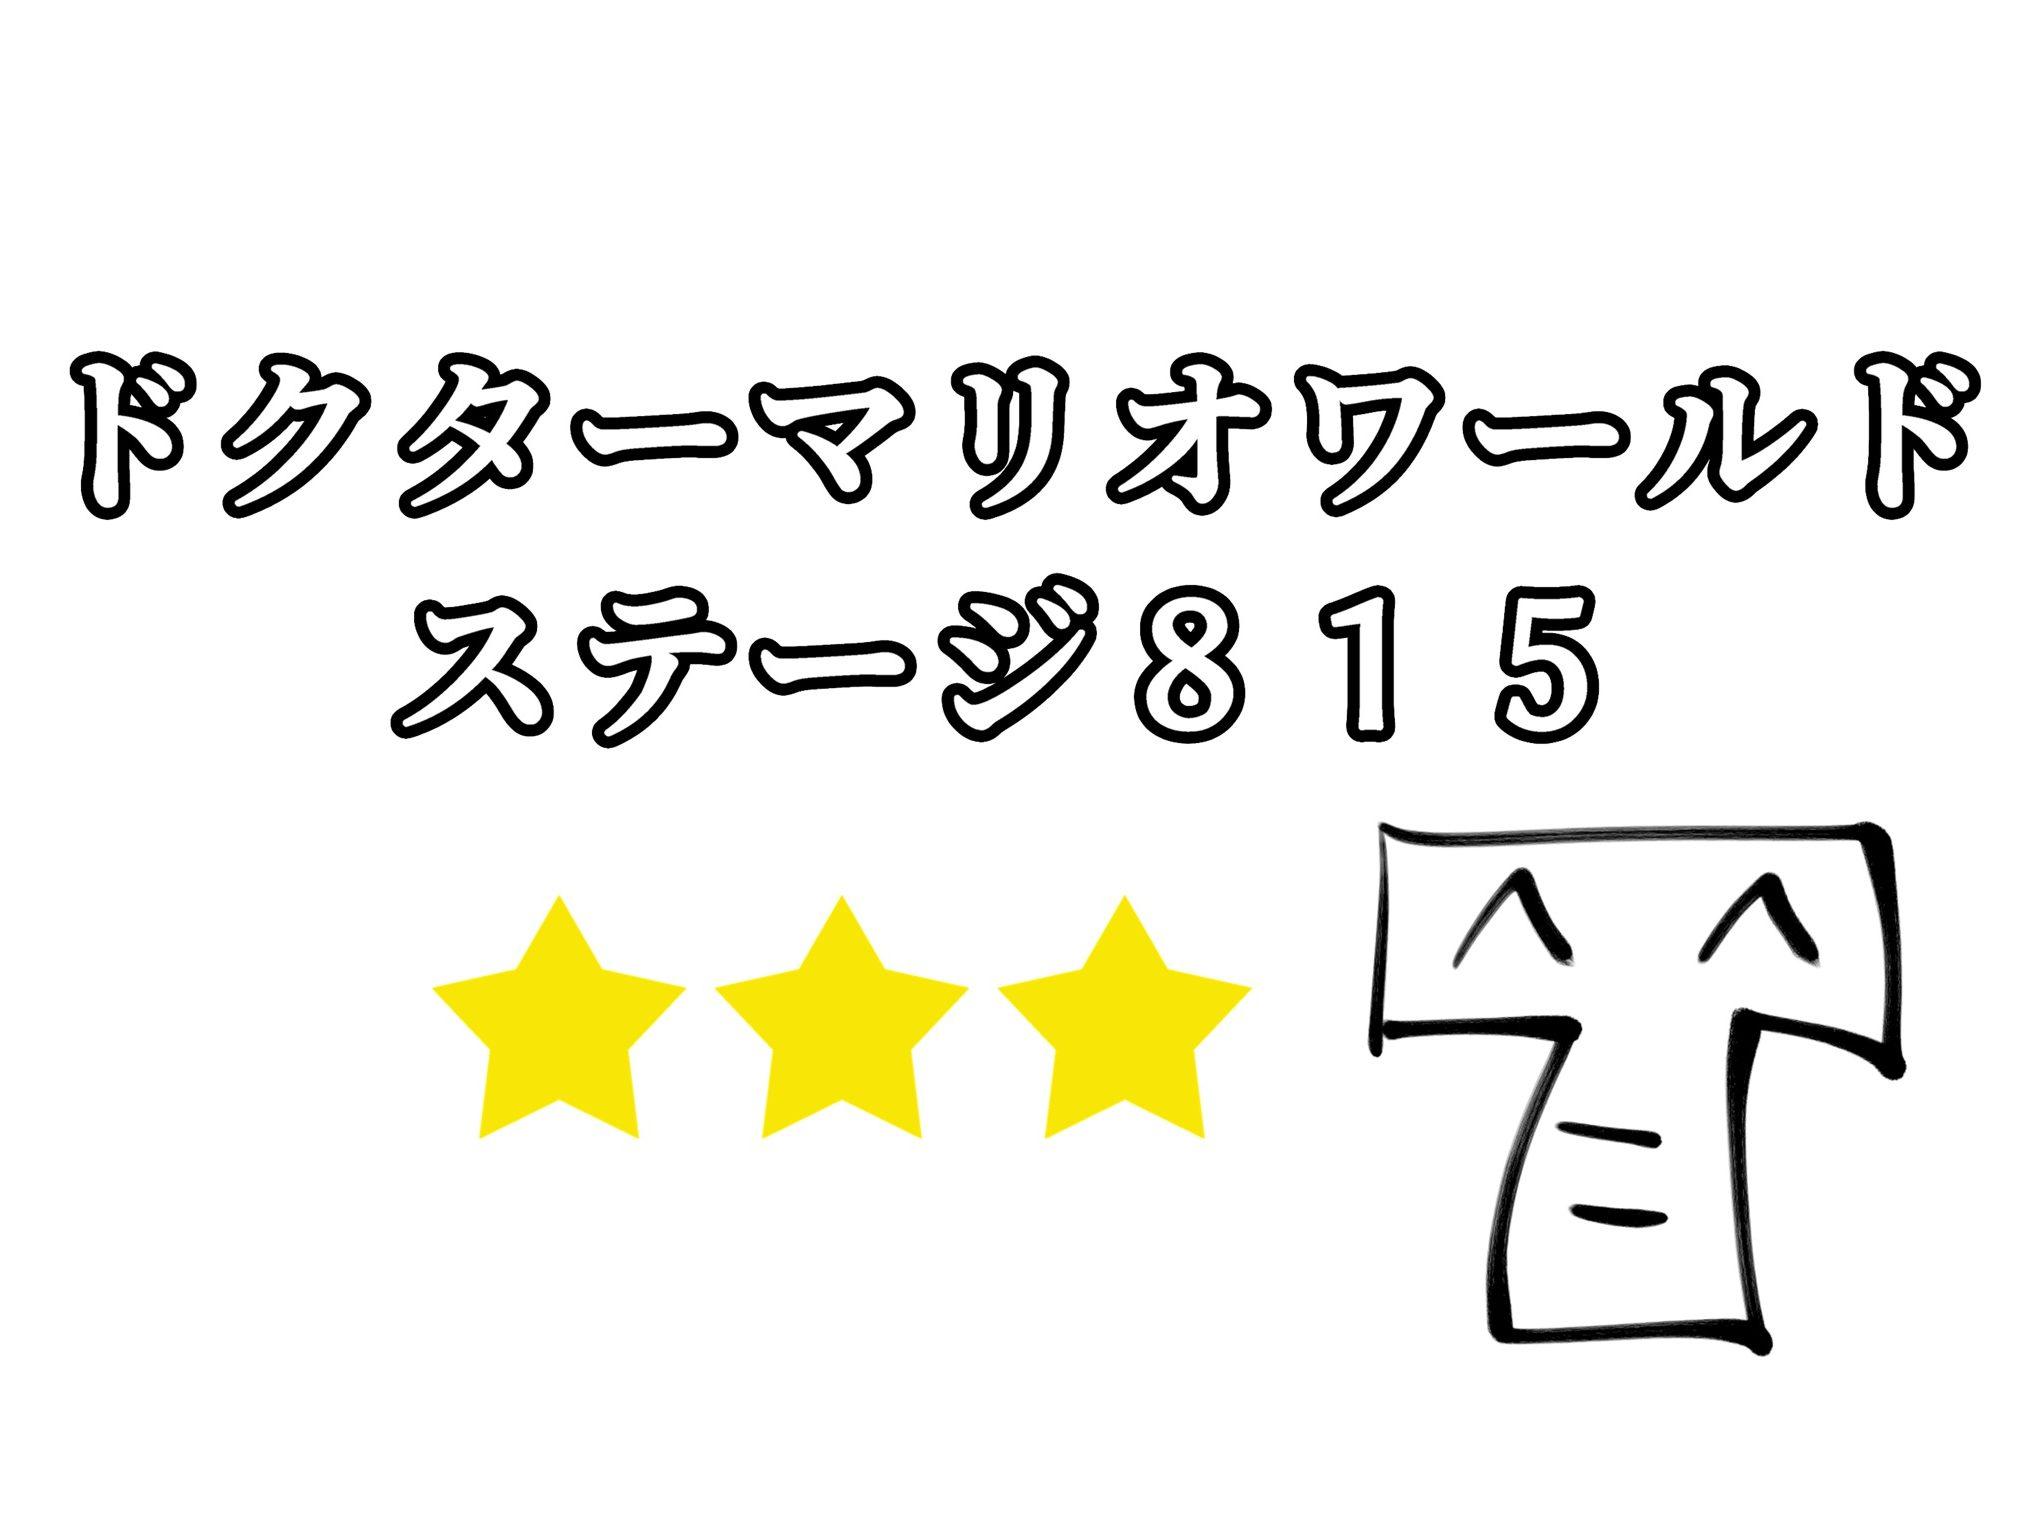 ドクターマリオワールド ステージ815 ドクターワリオ星3クリア Dr. Mario World stage815 3stars ドクターワリオで星3クリア攻略方法を解説